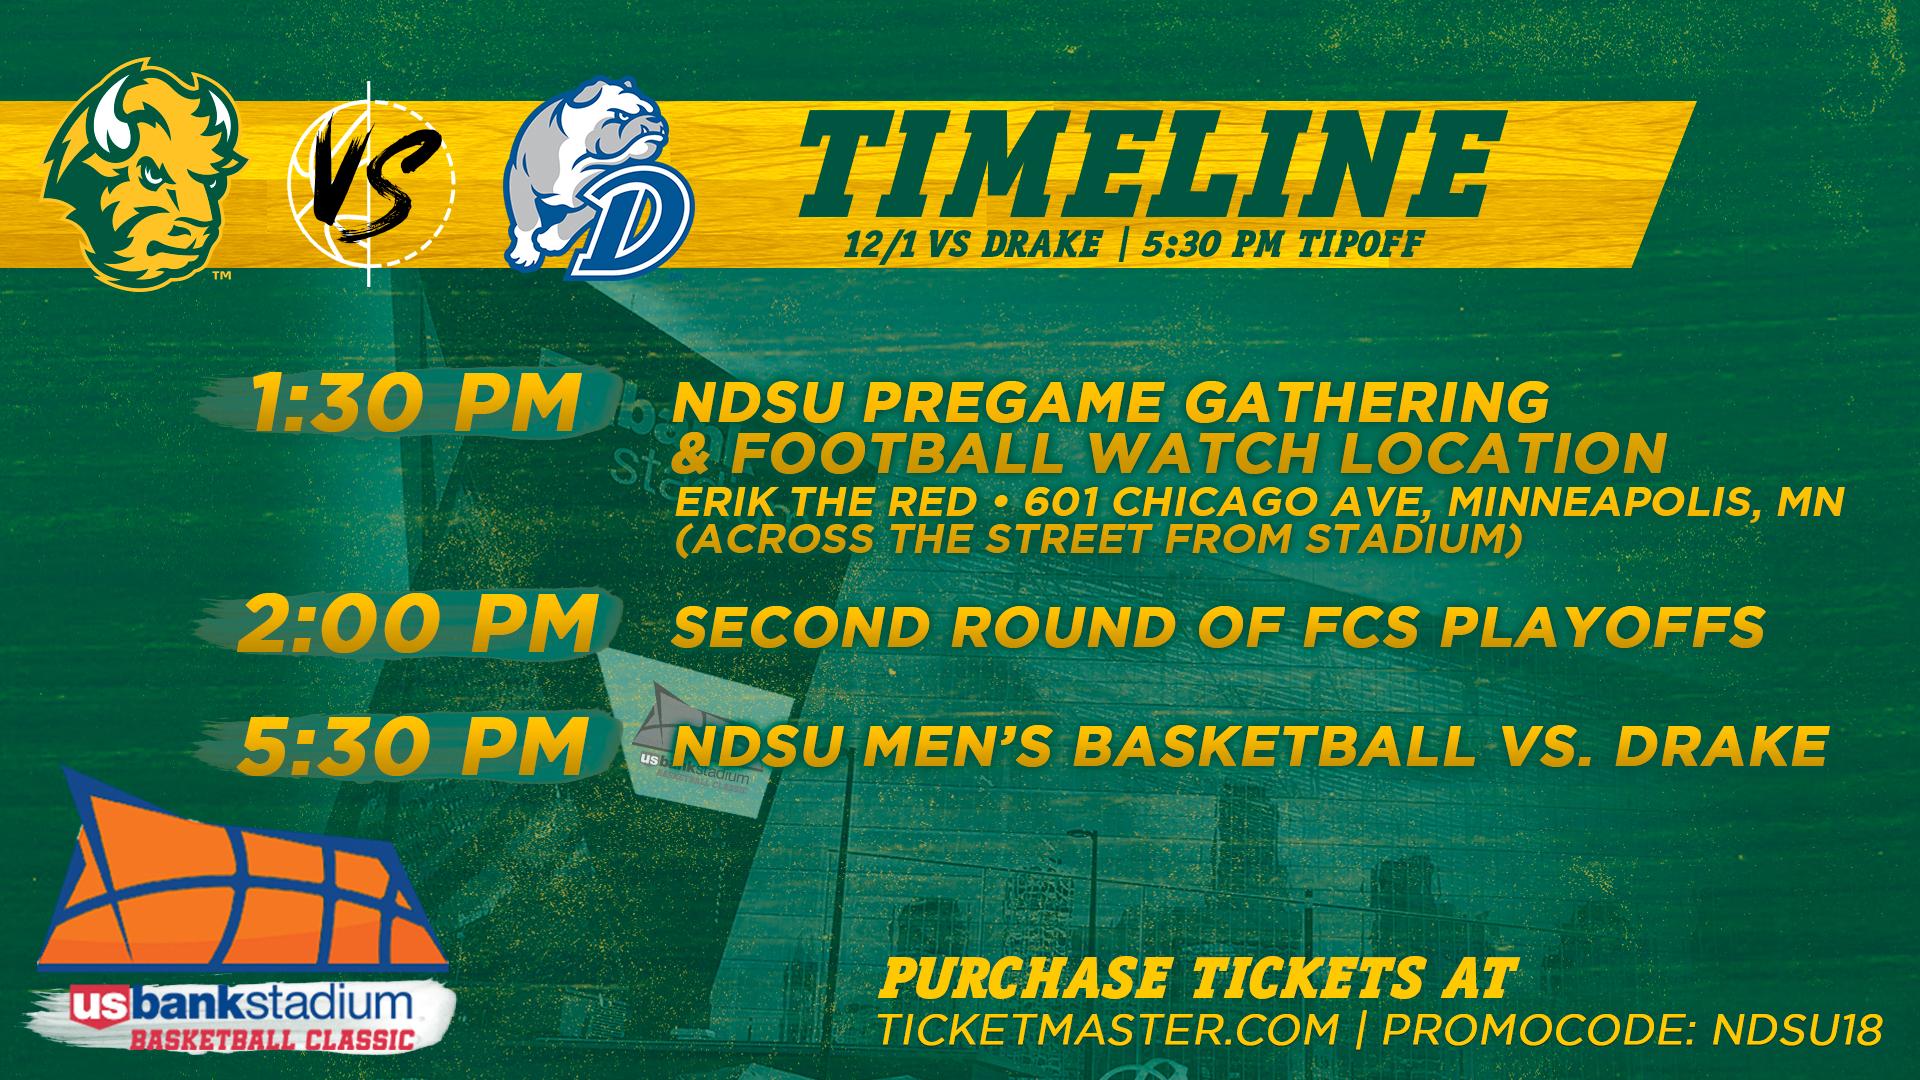 NDSU Basketball Dec 1 at Us Bank Stadium